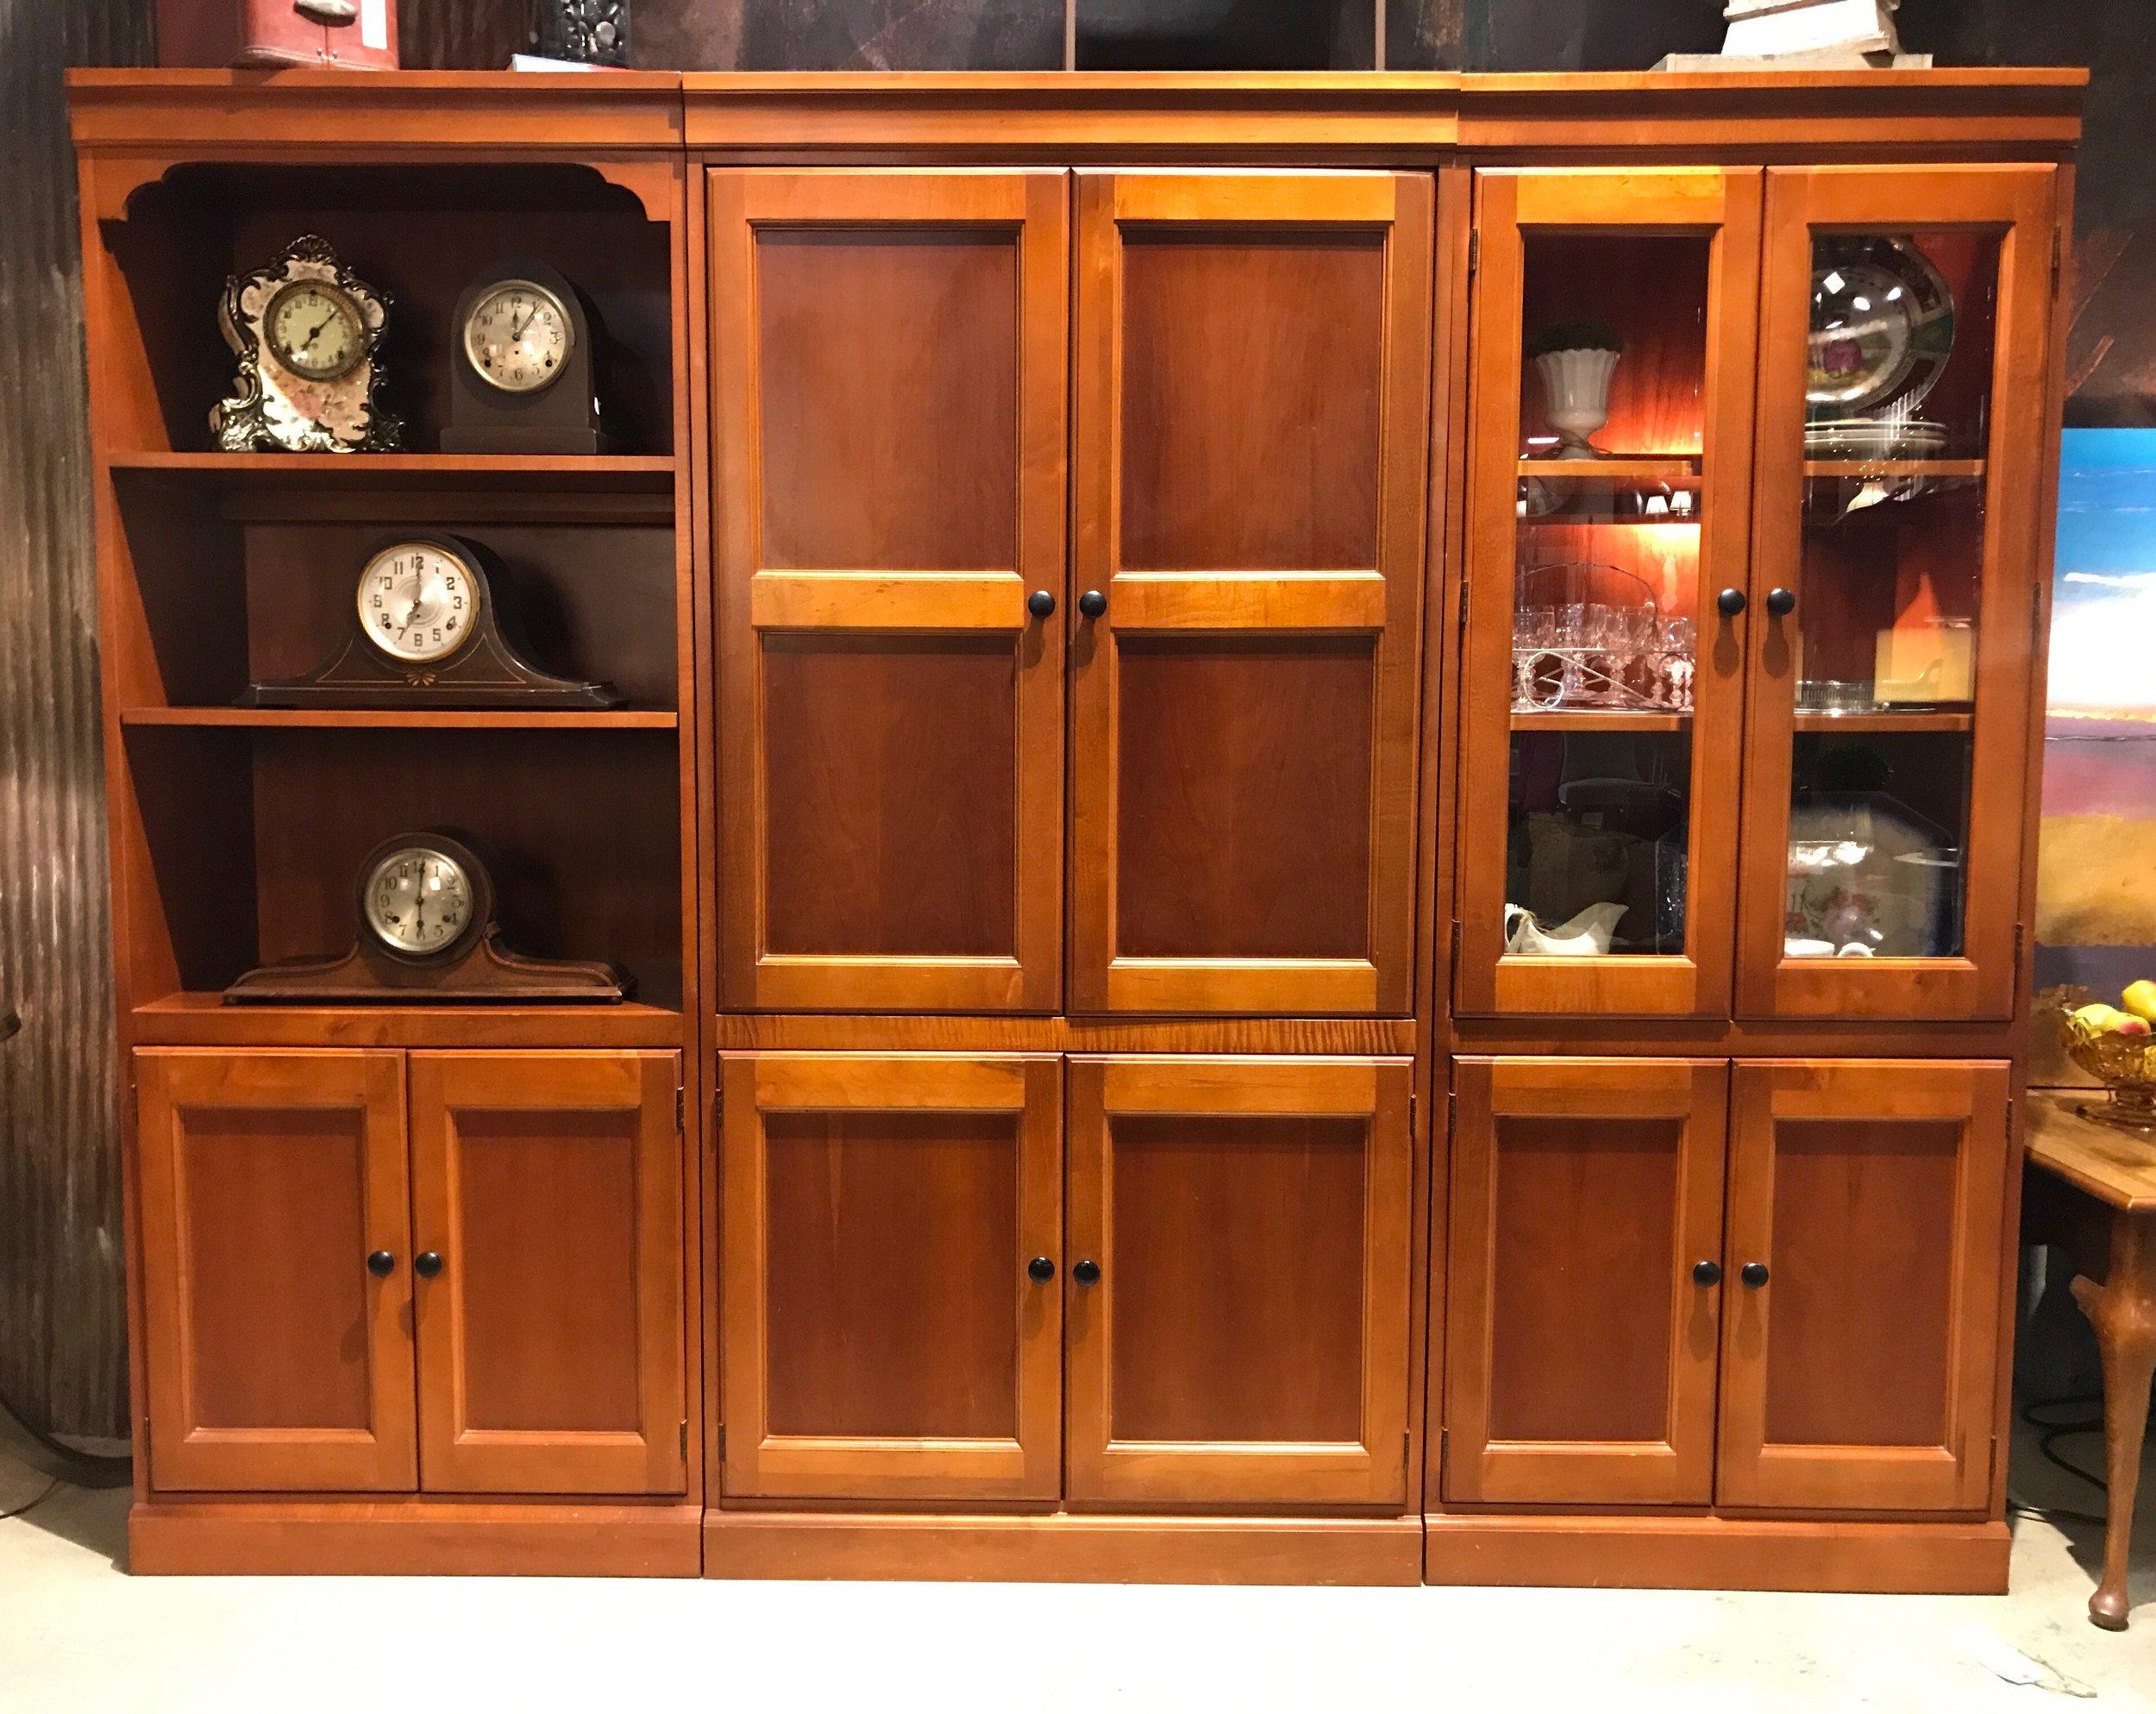 SOLD! Hooker Cabinet $79.95 - C0982 19692